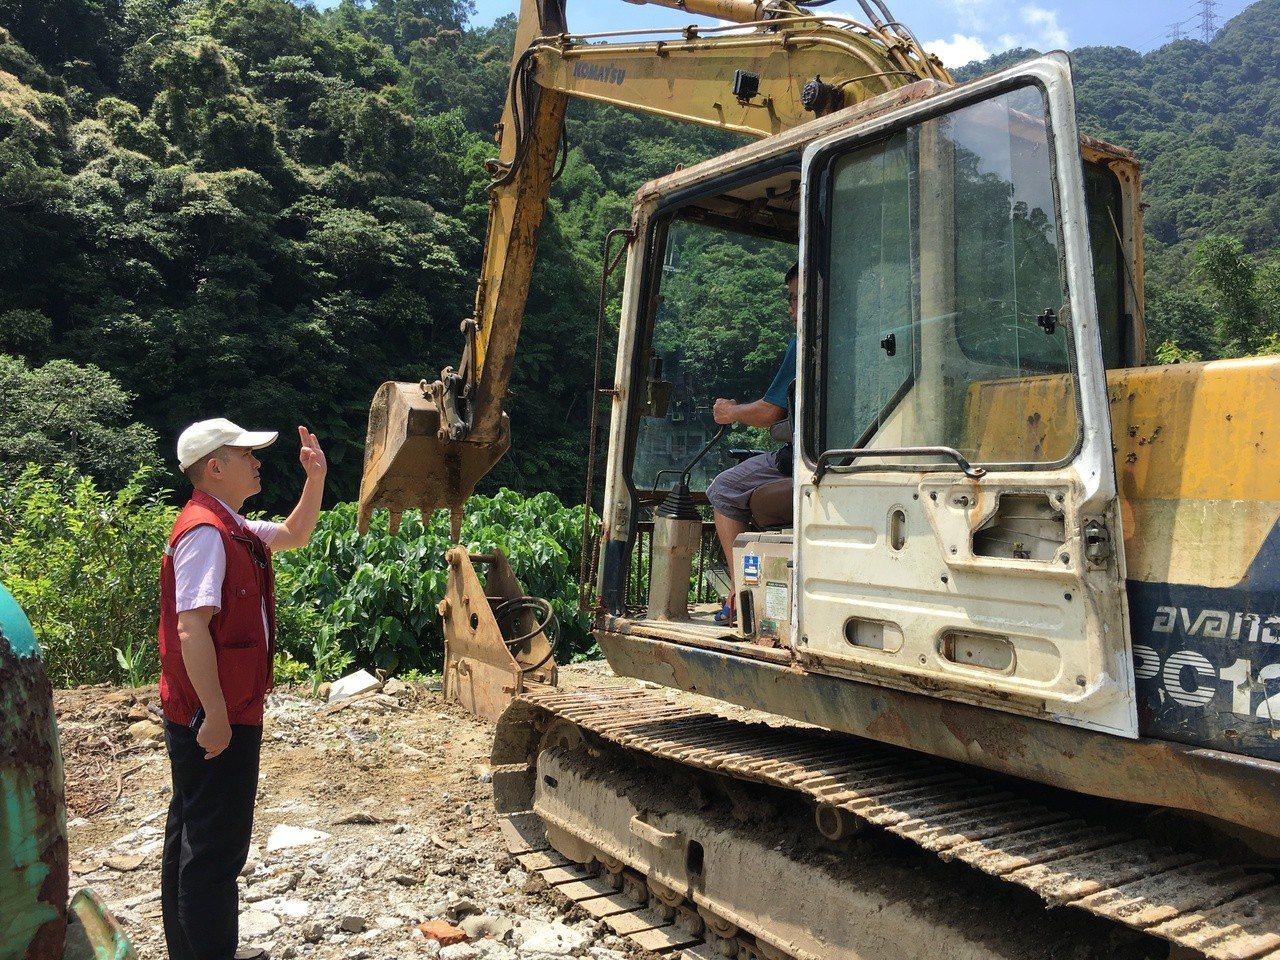 為預防可能到來的颱風丹娜絲,新北市府指示各單位進行各項防颱整備。記者柯毓庭/翻攝